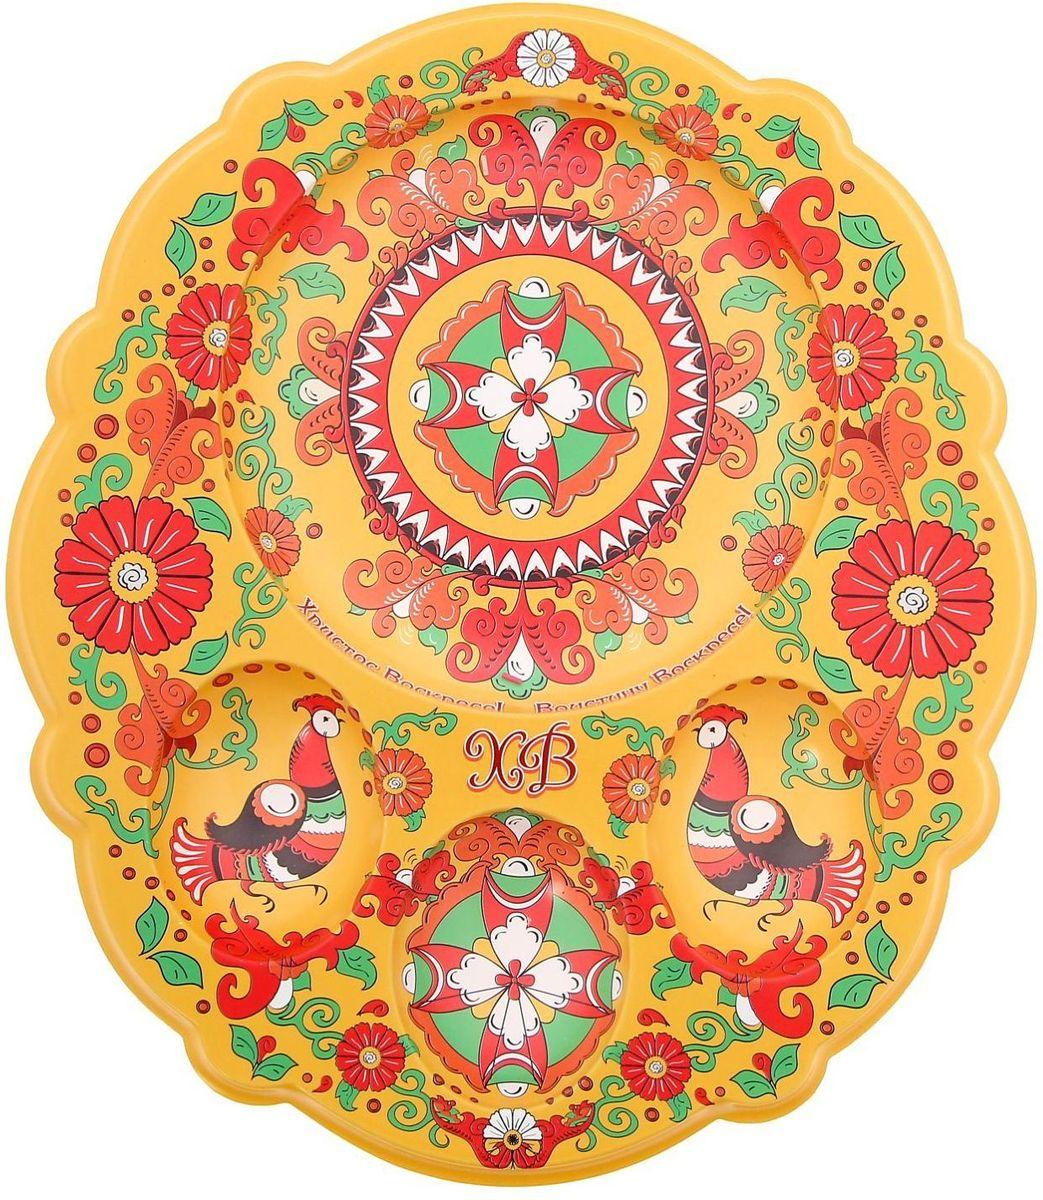 Подставка пасхальная, на 3 яйца и кулич, 19 х 22 см. 12530871253087Пасхальная подставка для 3 яйц и кулича изготовлена из качественного пластика, в центре имеется яркая вставка. Аксессуар станет достойным украшением праздничного стола, создаст радостное настроение и наполнит пространство вашего дома благостной энергией на весь год вперёд. Подставка будет ценным памятным подарком для родных, друзей и коллег. Радости, добра и света вам и вашим близким!